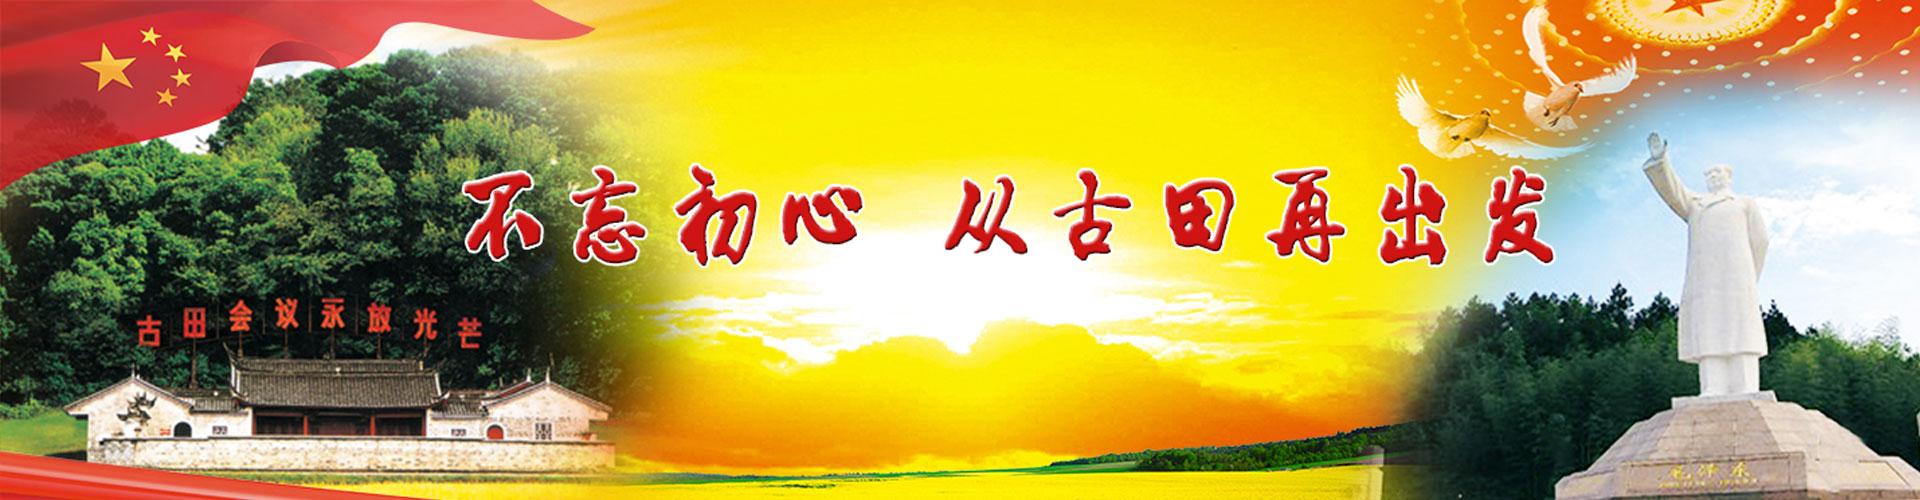 龙岩新中红色教育培训中心党性教育培训